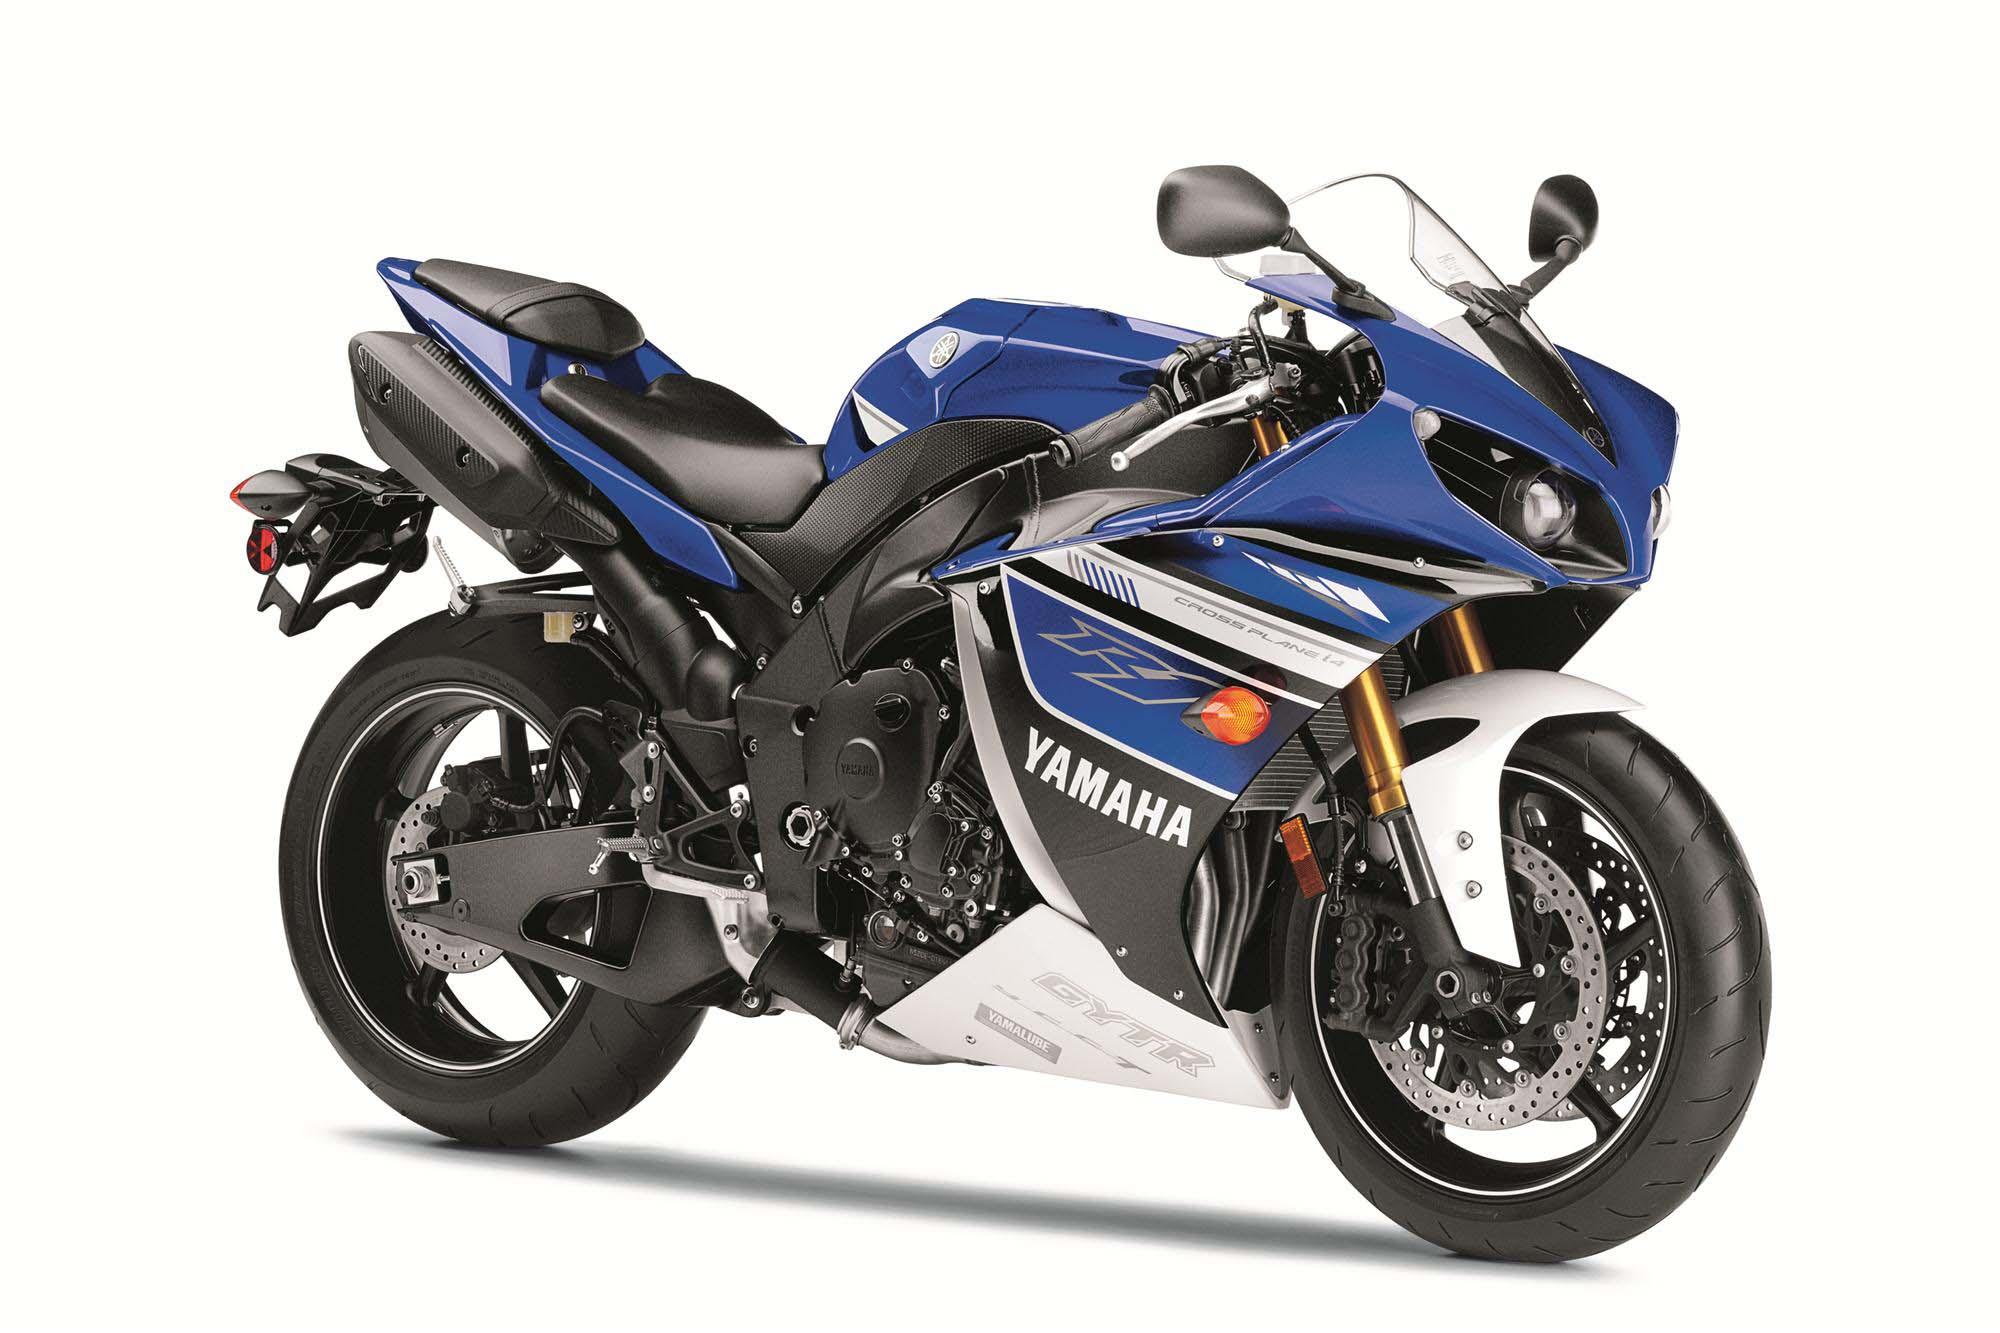 Yamaha Latest Bikes Under